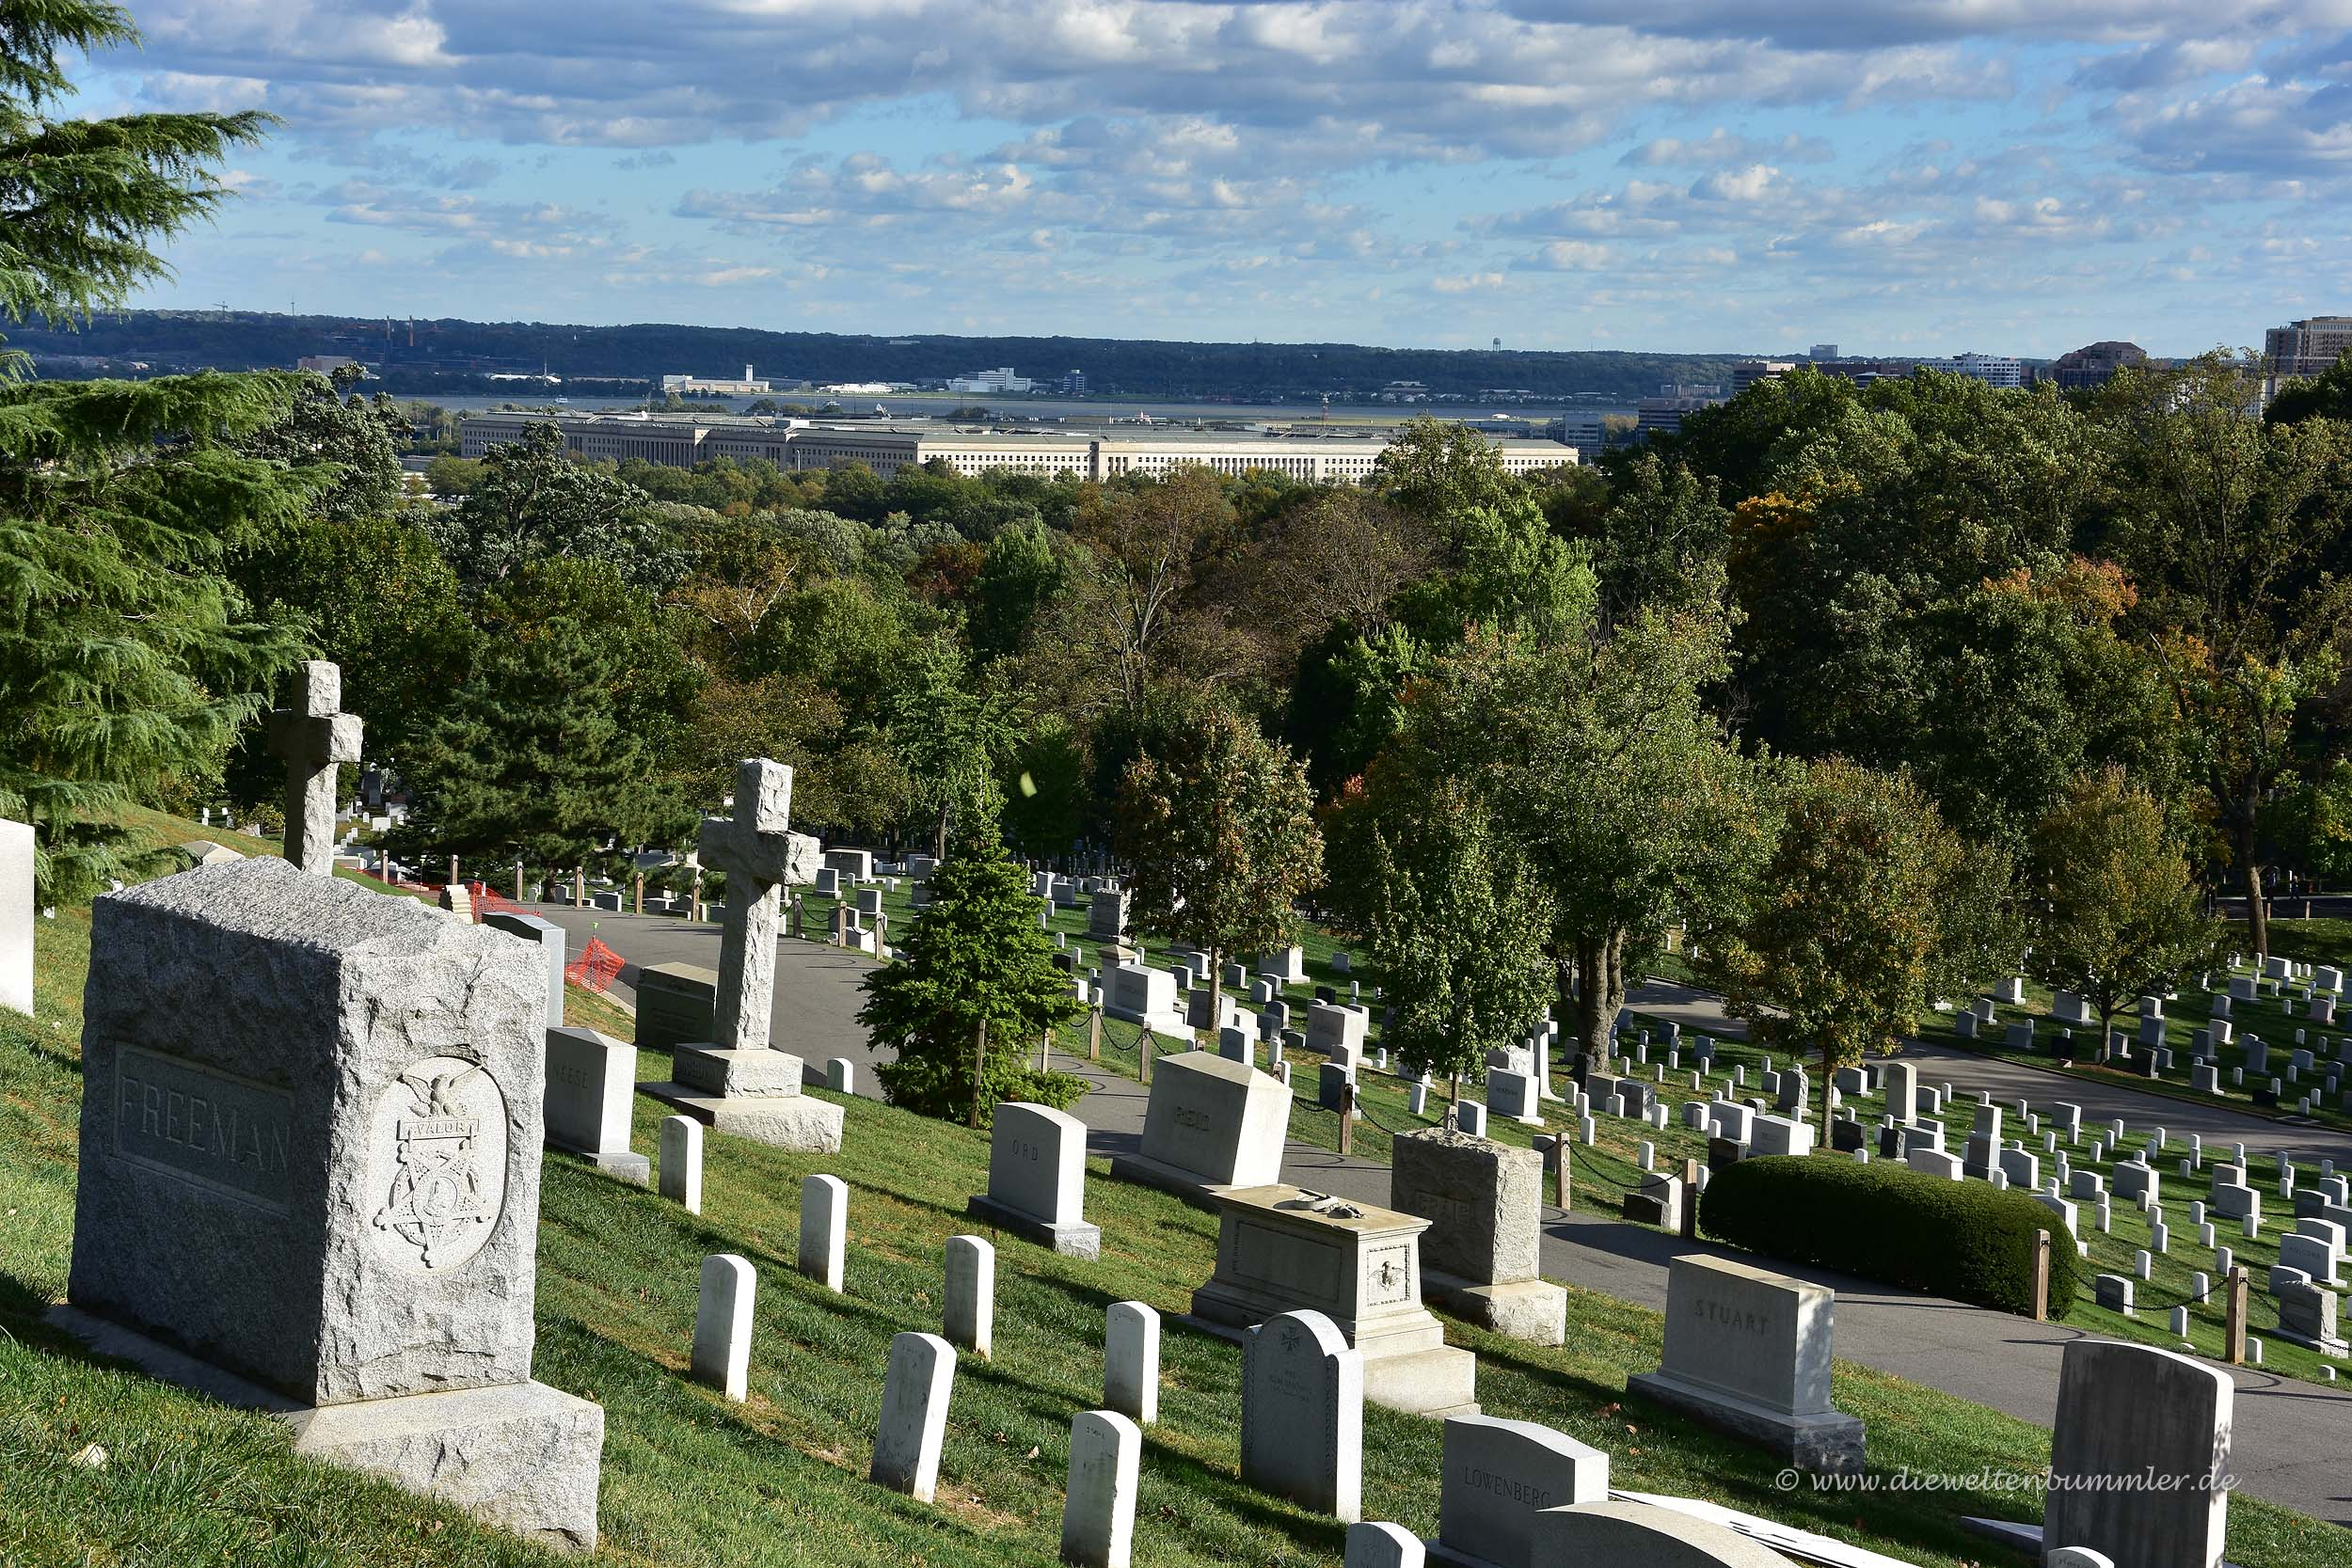 Blick über die Gräber zum Pentagon